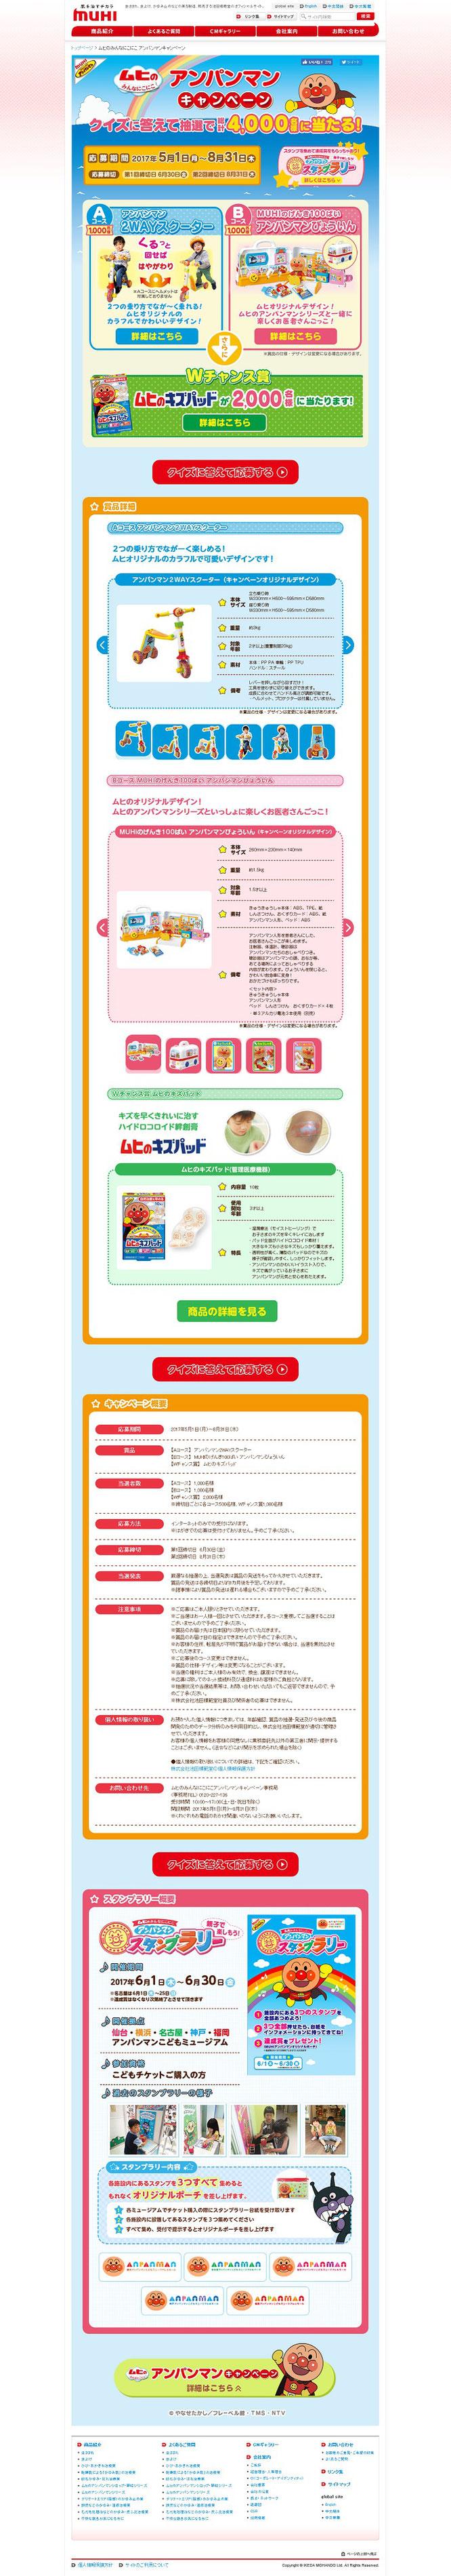 【池田模範堂】ムヒ アンパンマンキャンペーン2017